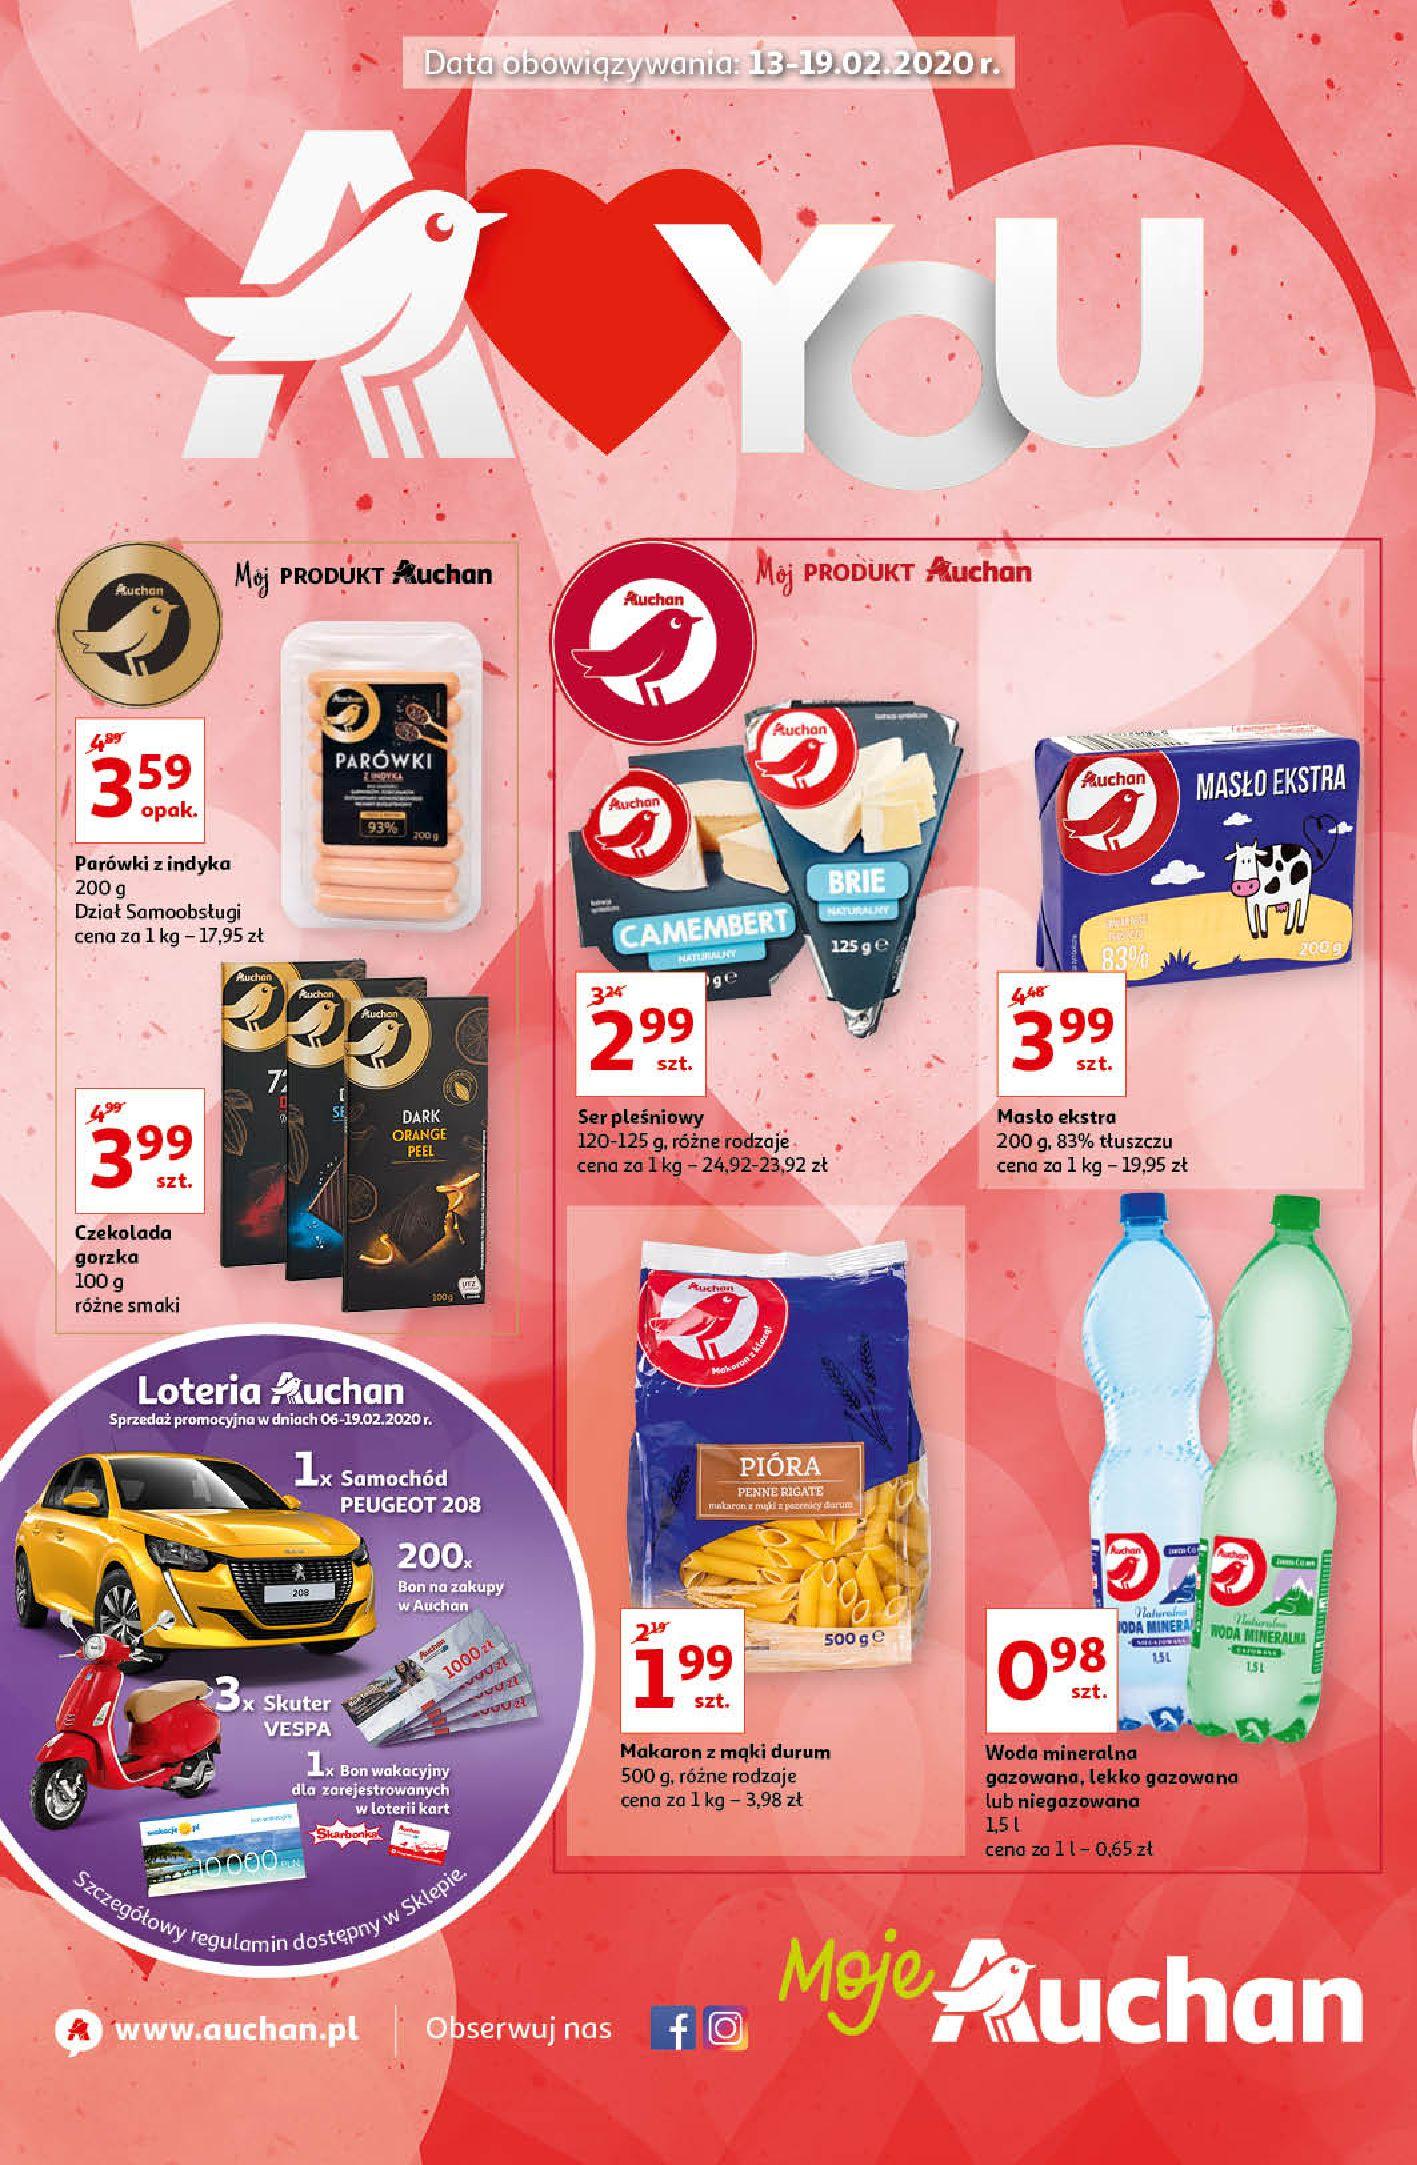 Gazetka Auchan - Oferta Moje Auchan 13-19.02.2020-12.02.2020-19.02.2020-page-1